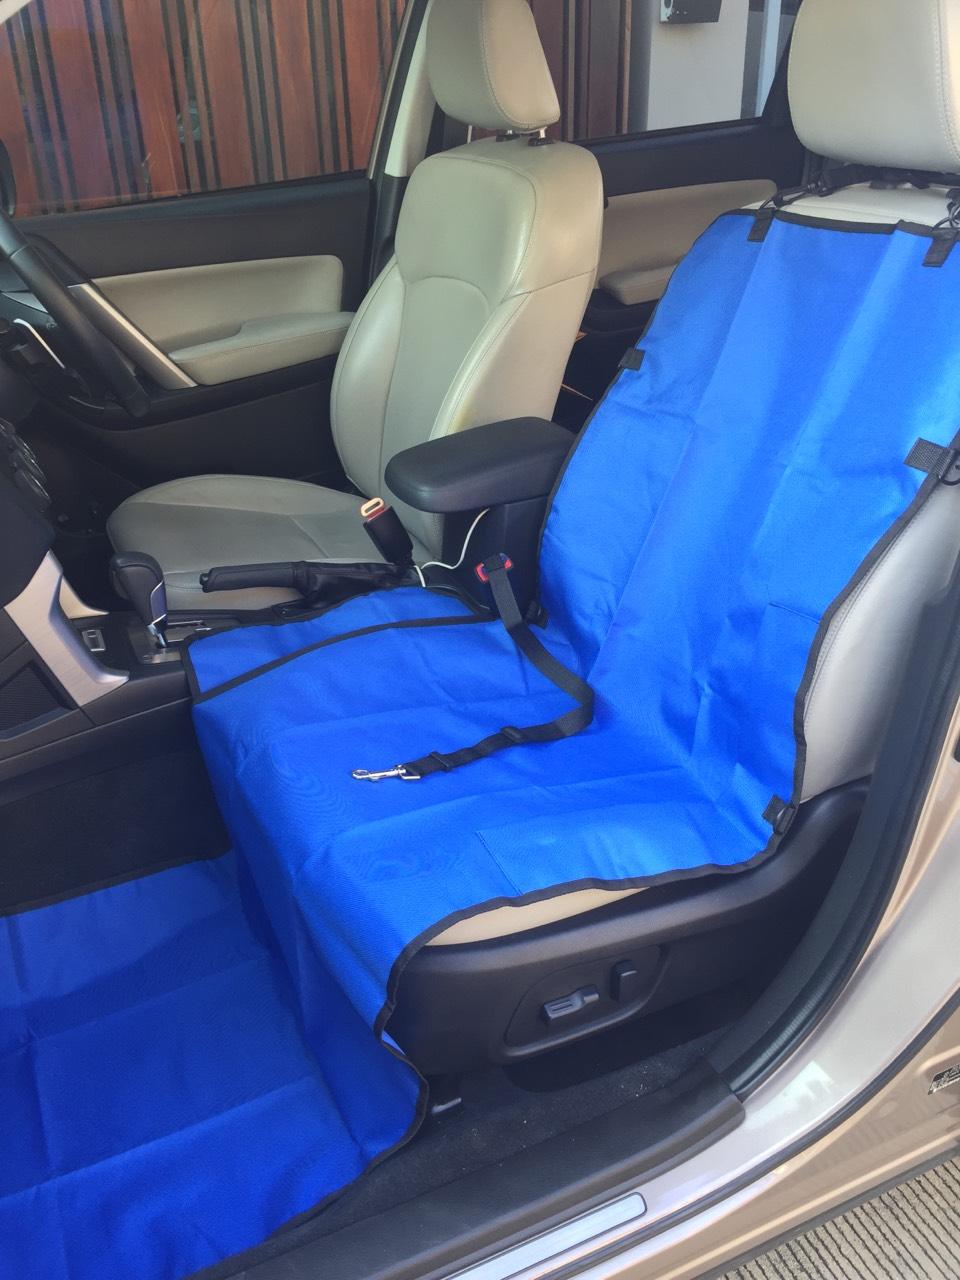 ผ้ารองเบาะรถยนต์ด้านหน้า ปูเต็ม สีน้ำเงิน